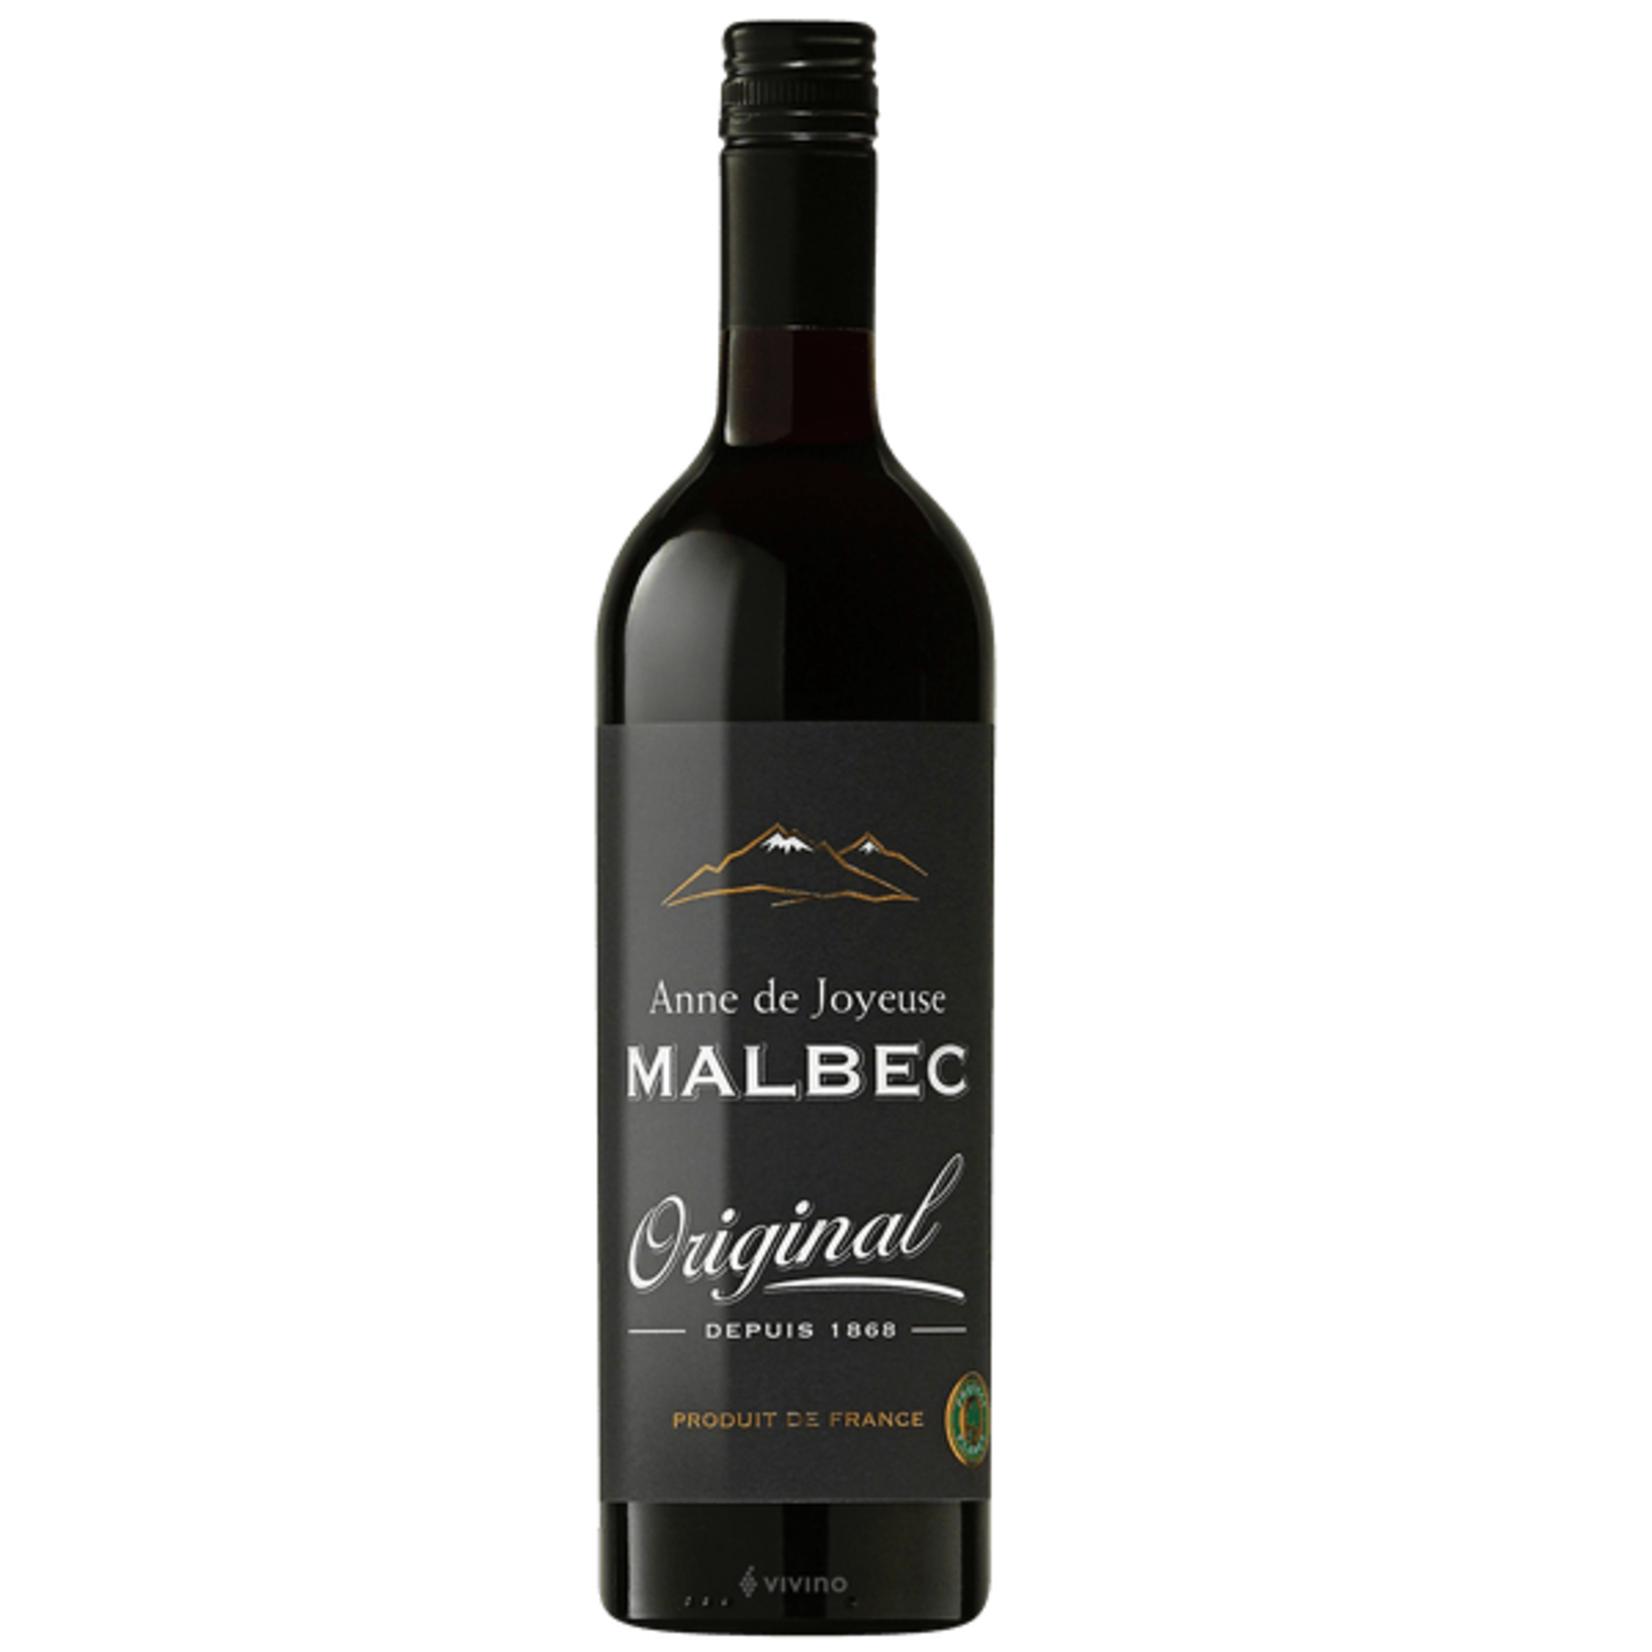 ANNE DE JOYEUSE ANNE DE JOYEUSE • MALBEC • .750L • Bottle